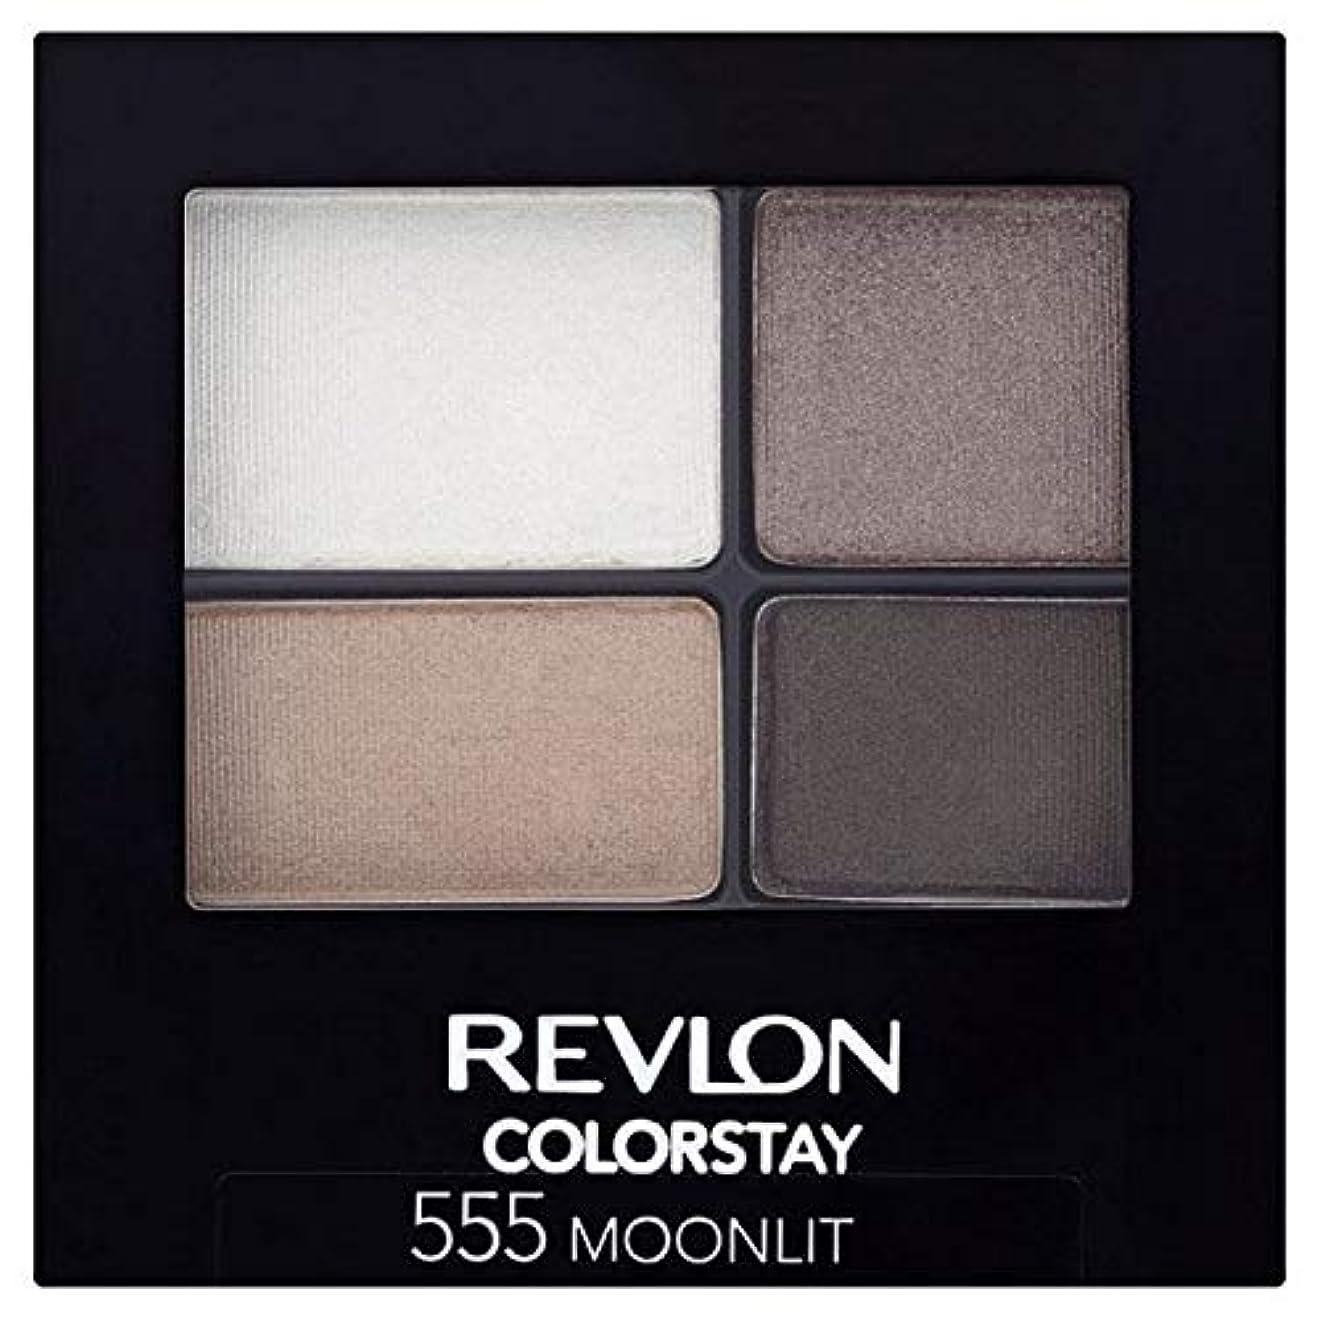 受け入れたとまり木球状[Revlon ] レブロンColorstay 16時間のアイシャドウは555月光 - Revlon Colorstay 16 Hour Eye Shadow Moonlight 555 [並行輸入品]